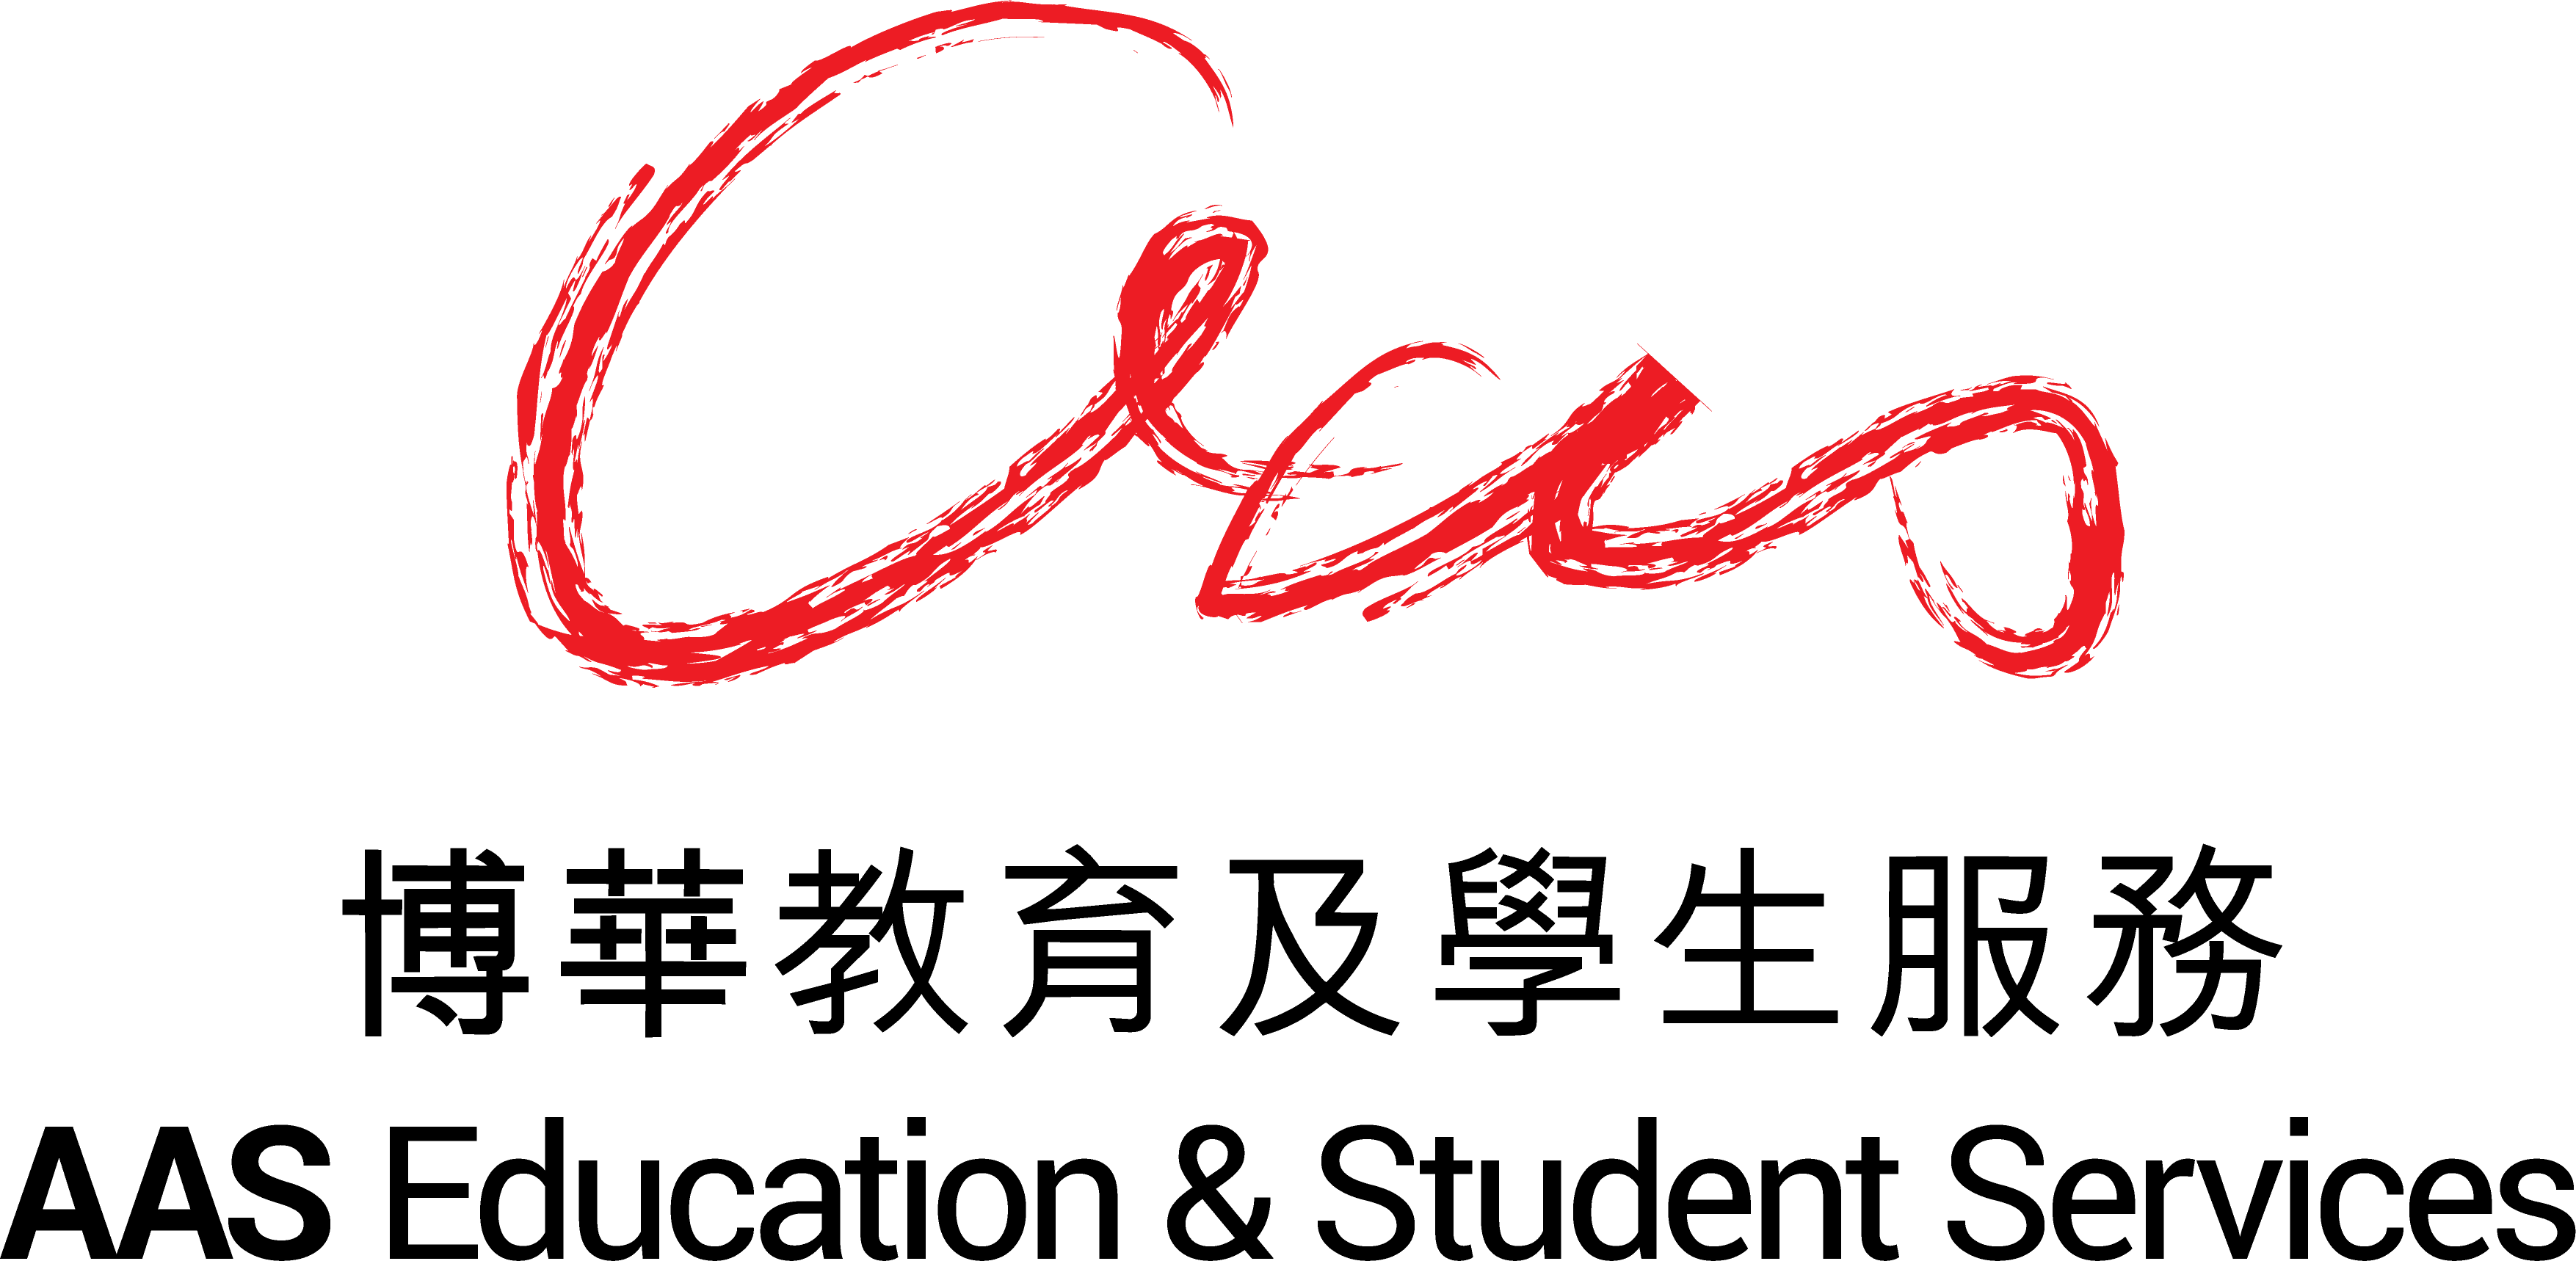 AAS 博華教育及學生服務